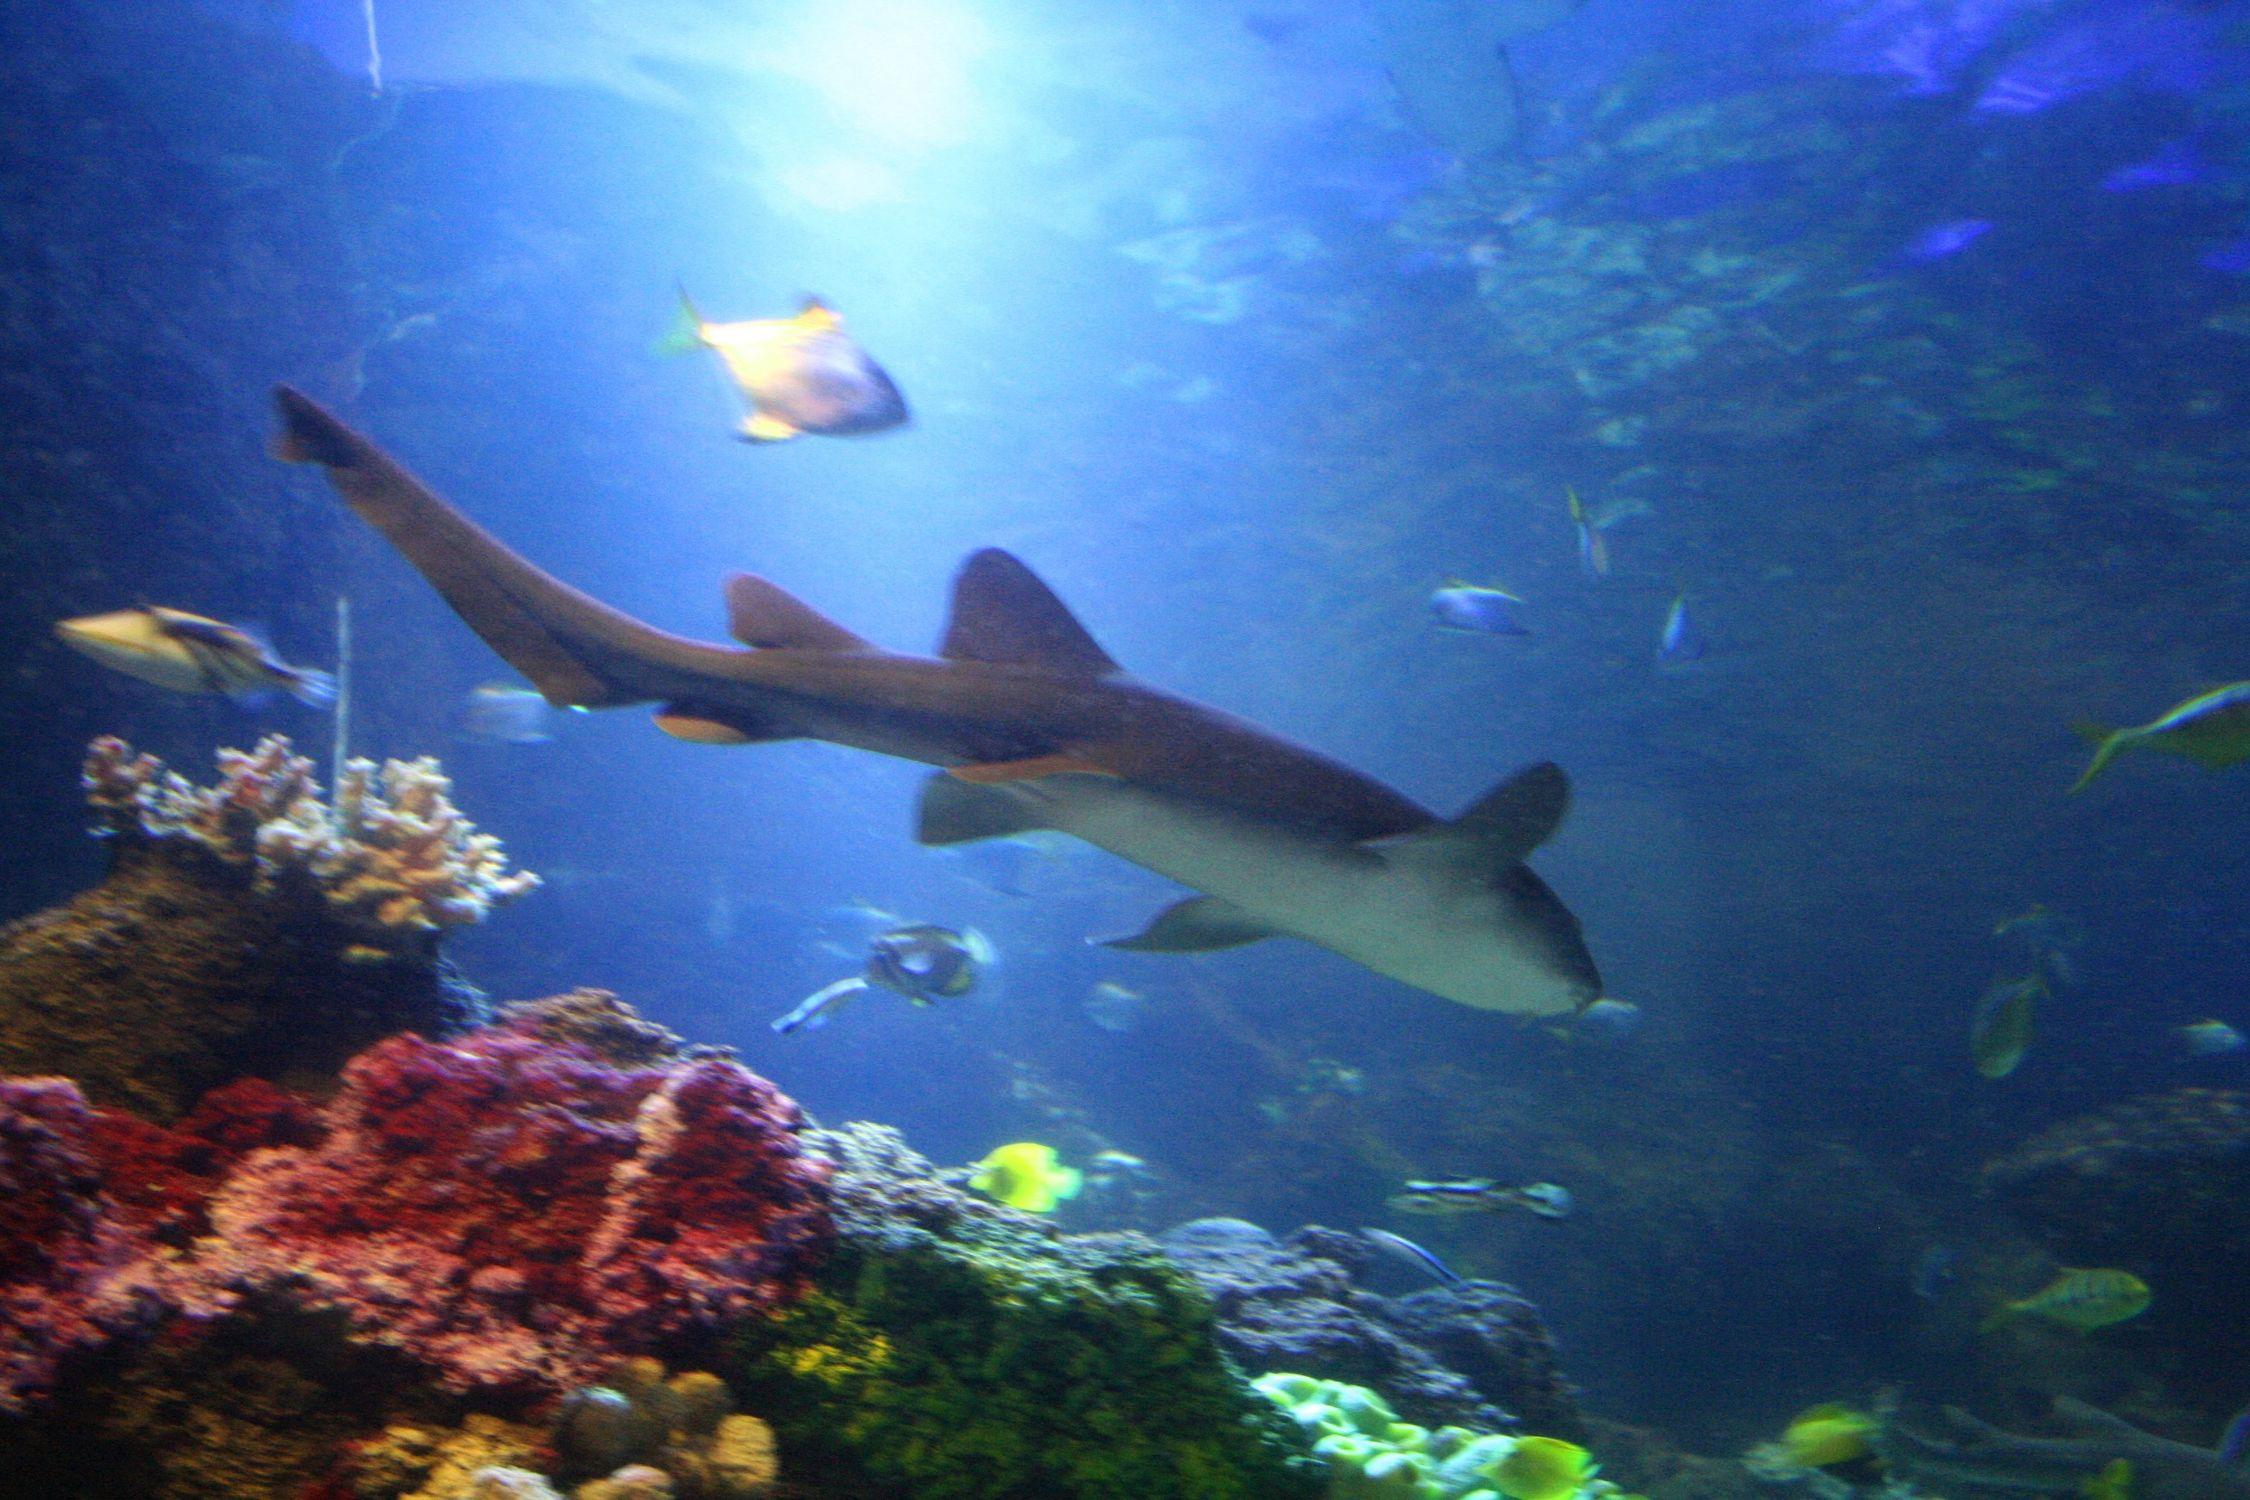 Bild mit Gegenstände, Tiere, Natur, Elemente, Wasser, Landschaften, Nesseltiere, Korallen, Fische, Fische, Unterwasser, Riffs, Aquarien, Krebse und Weichtiere